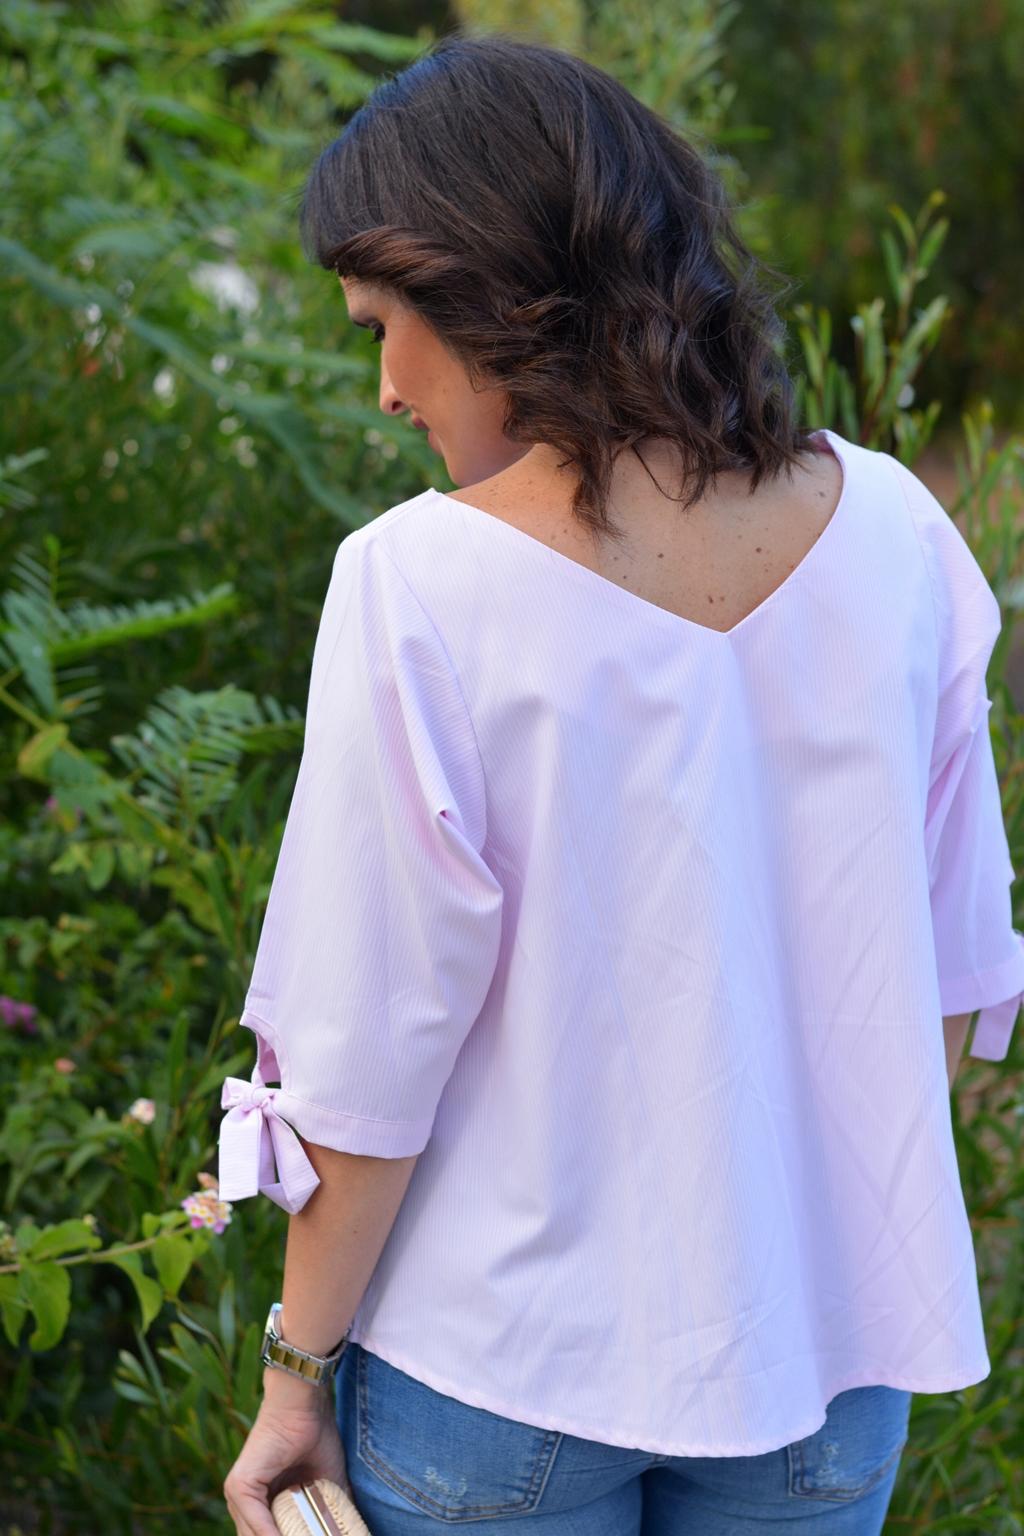 zara-outfit-jeans-bordados-blusa-romwe